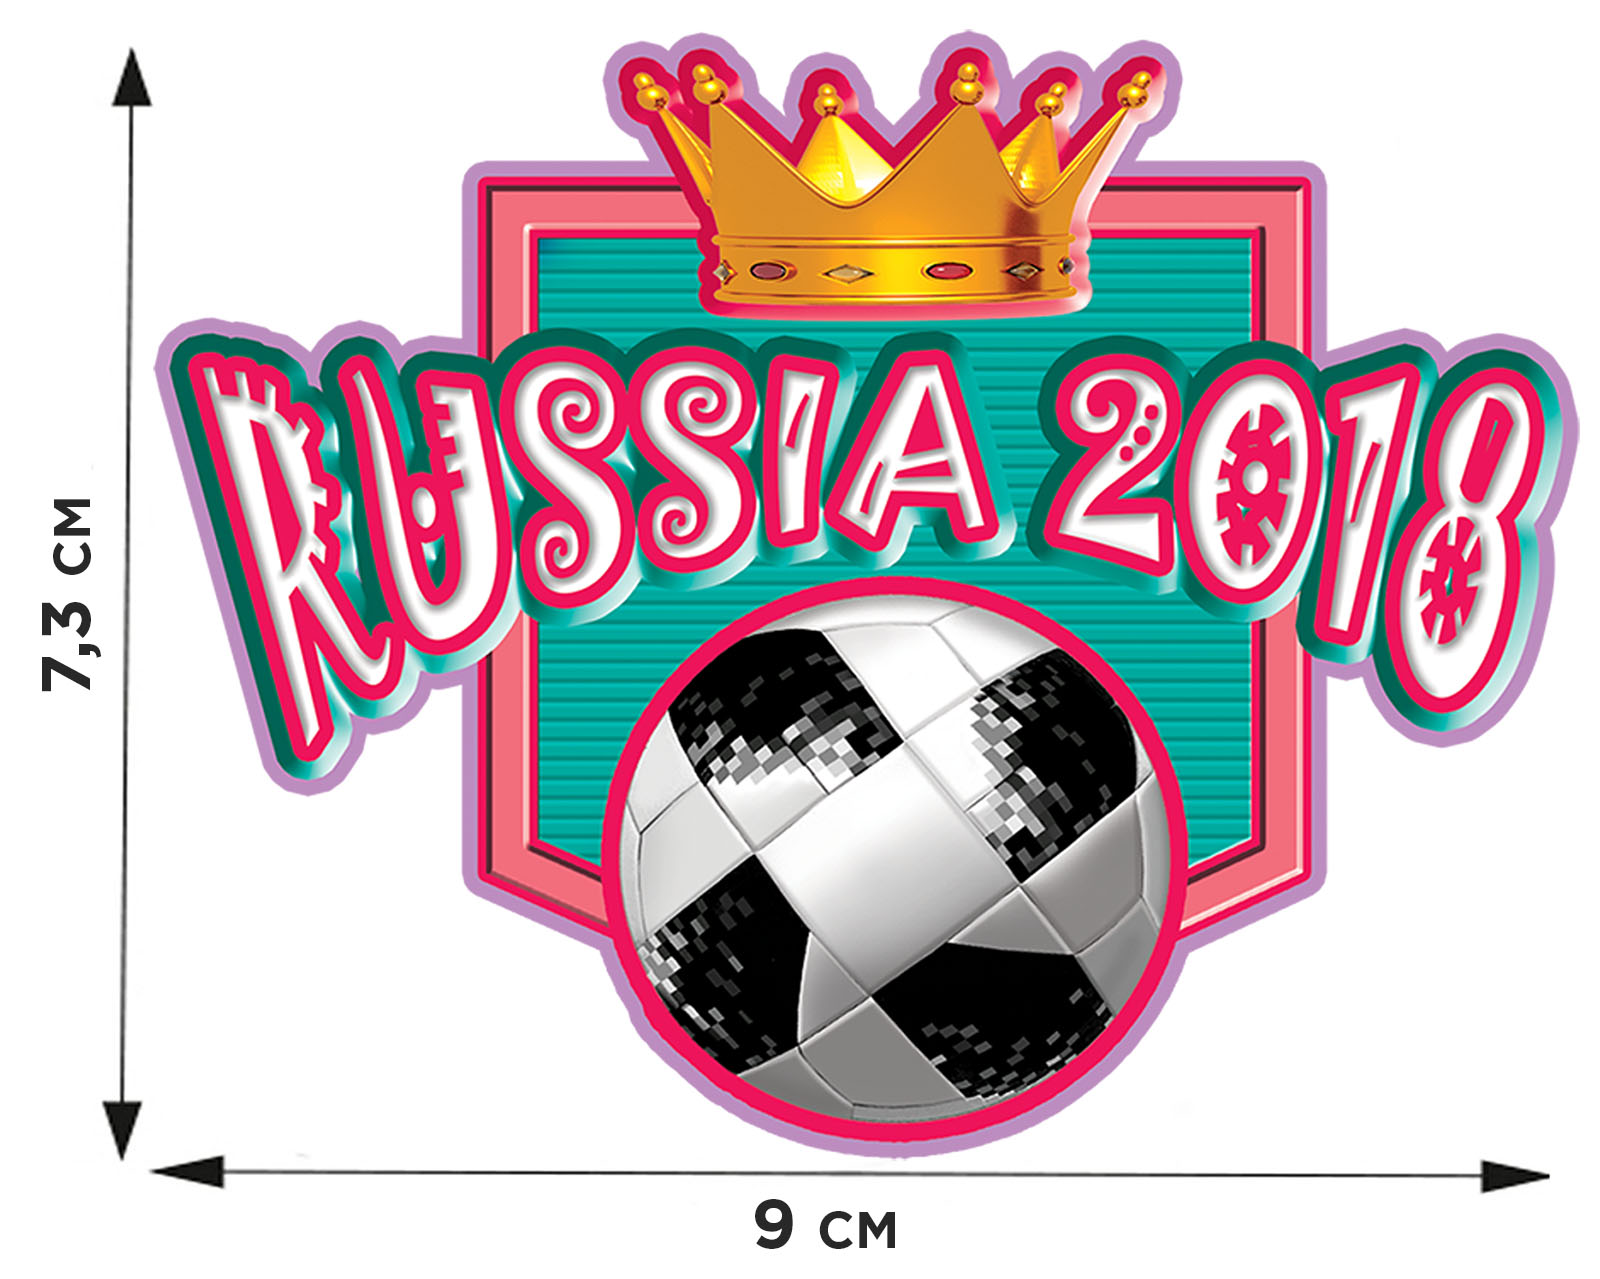 Купить фанатскую термотрансферную картинку Россия оптом или в розницу